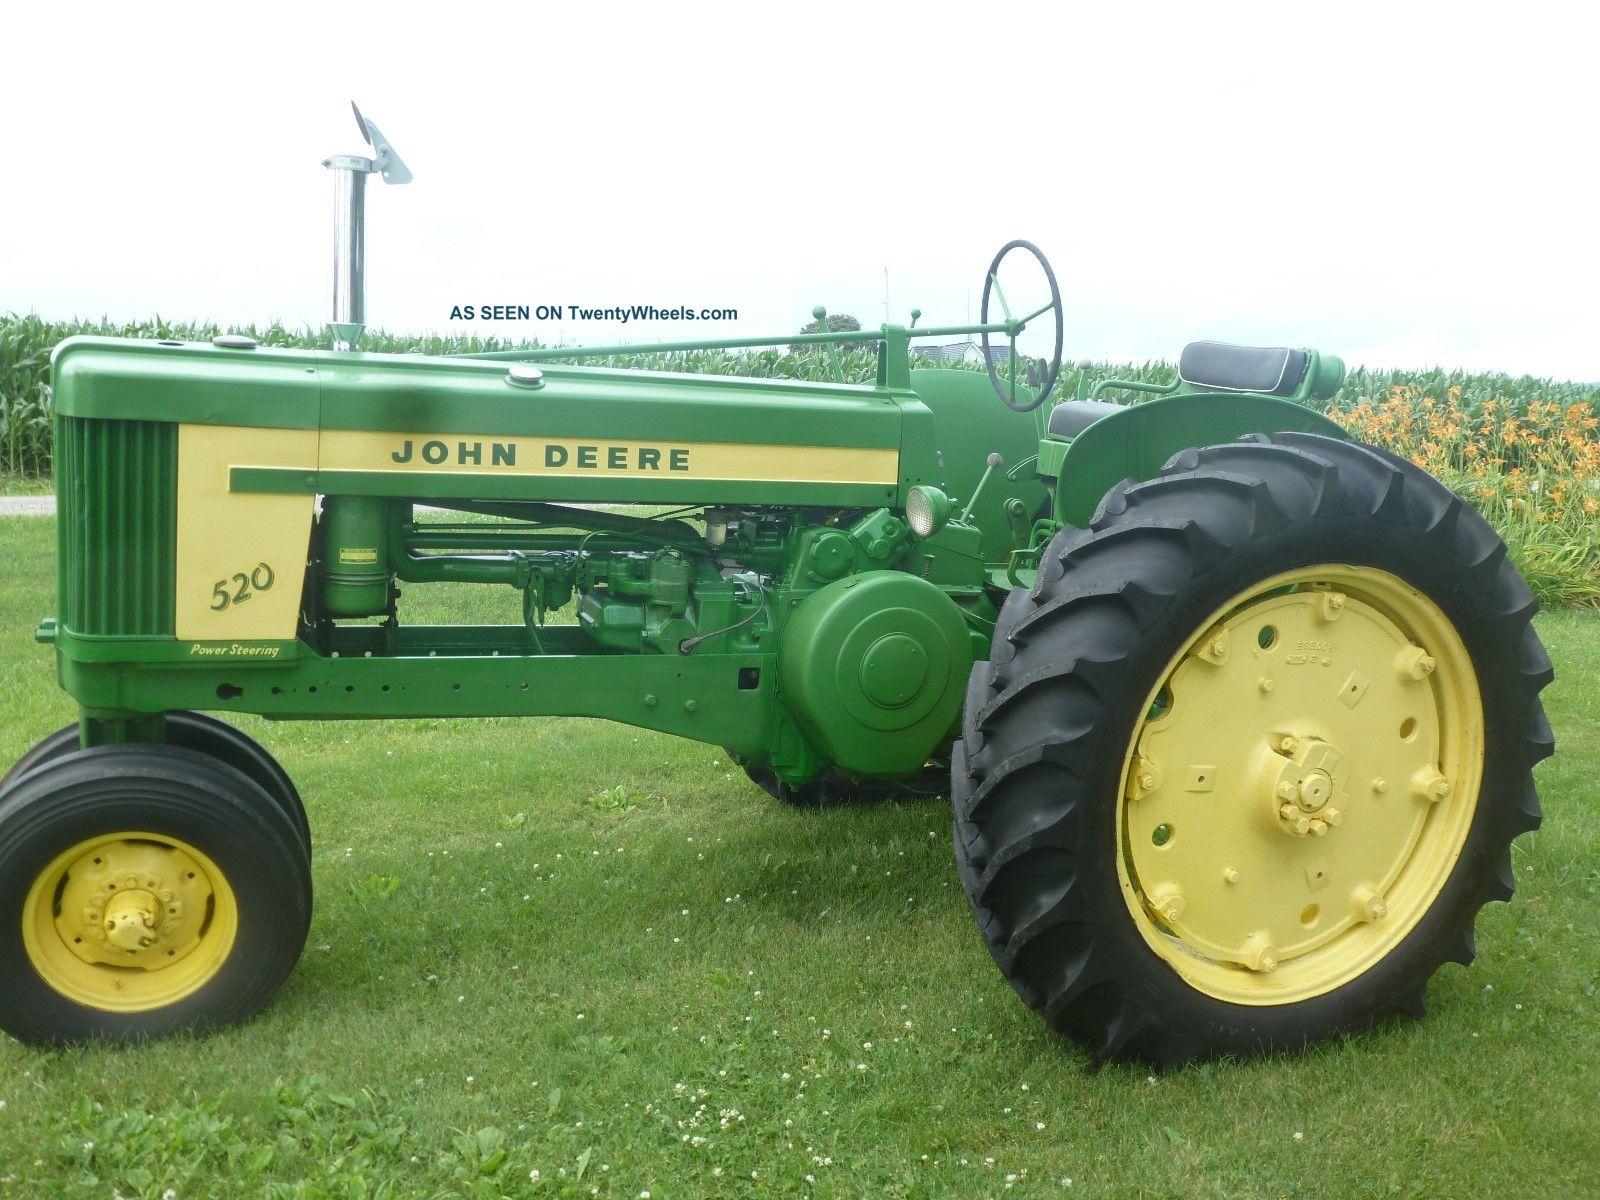 John Deere 520 Tractor Clutch : John deere tractor